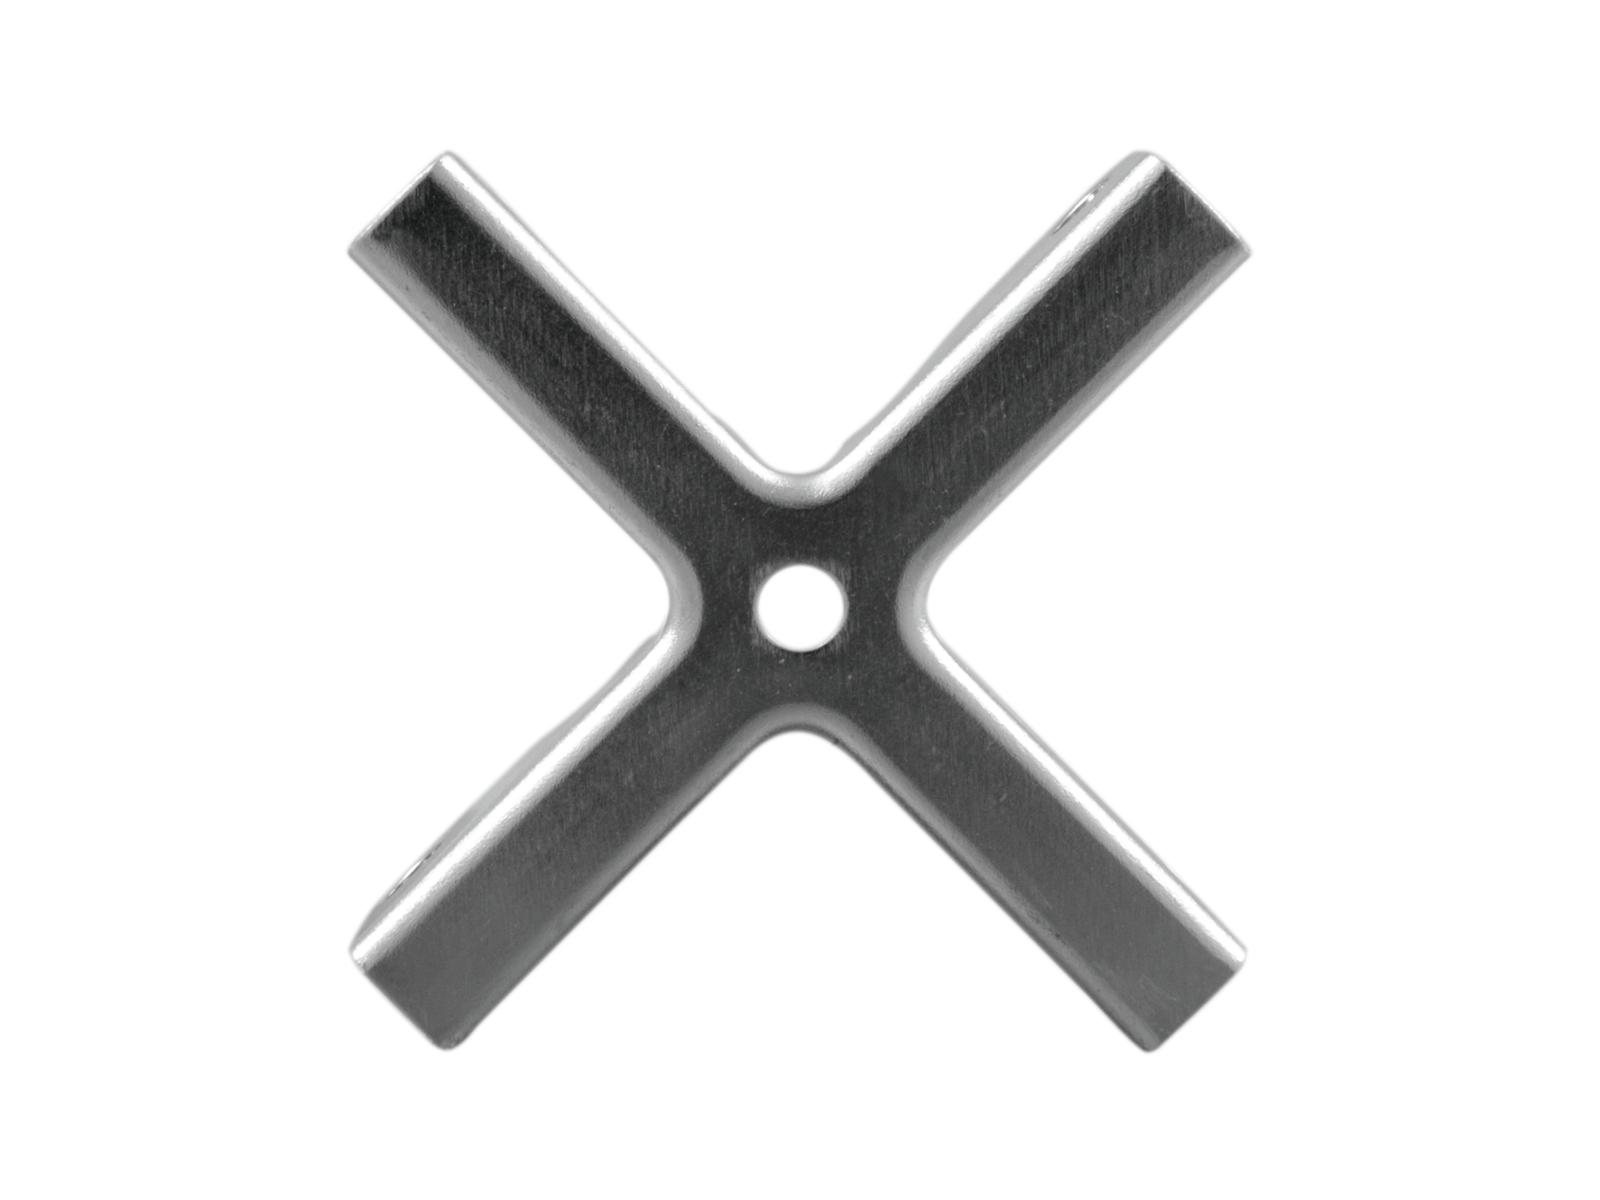 ACCESSORY Stabilisierungskreuz 6,7mm